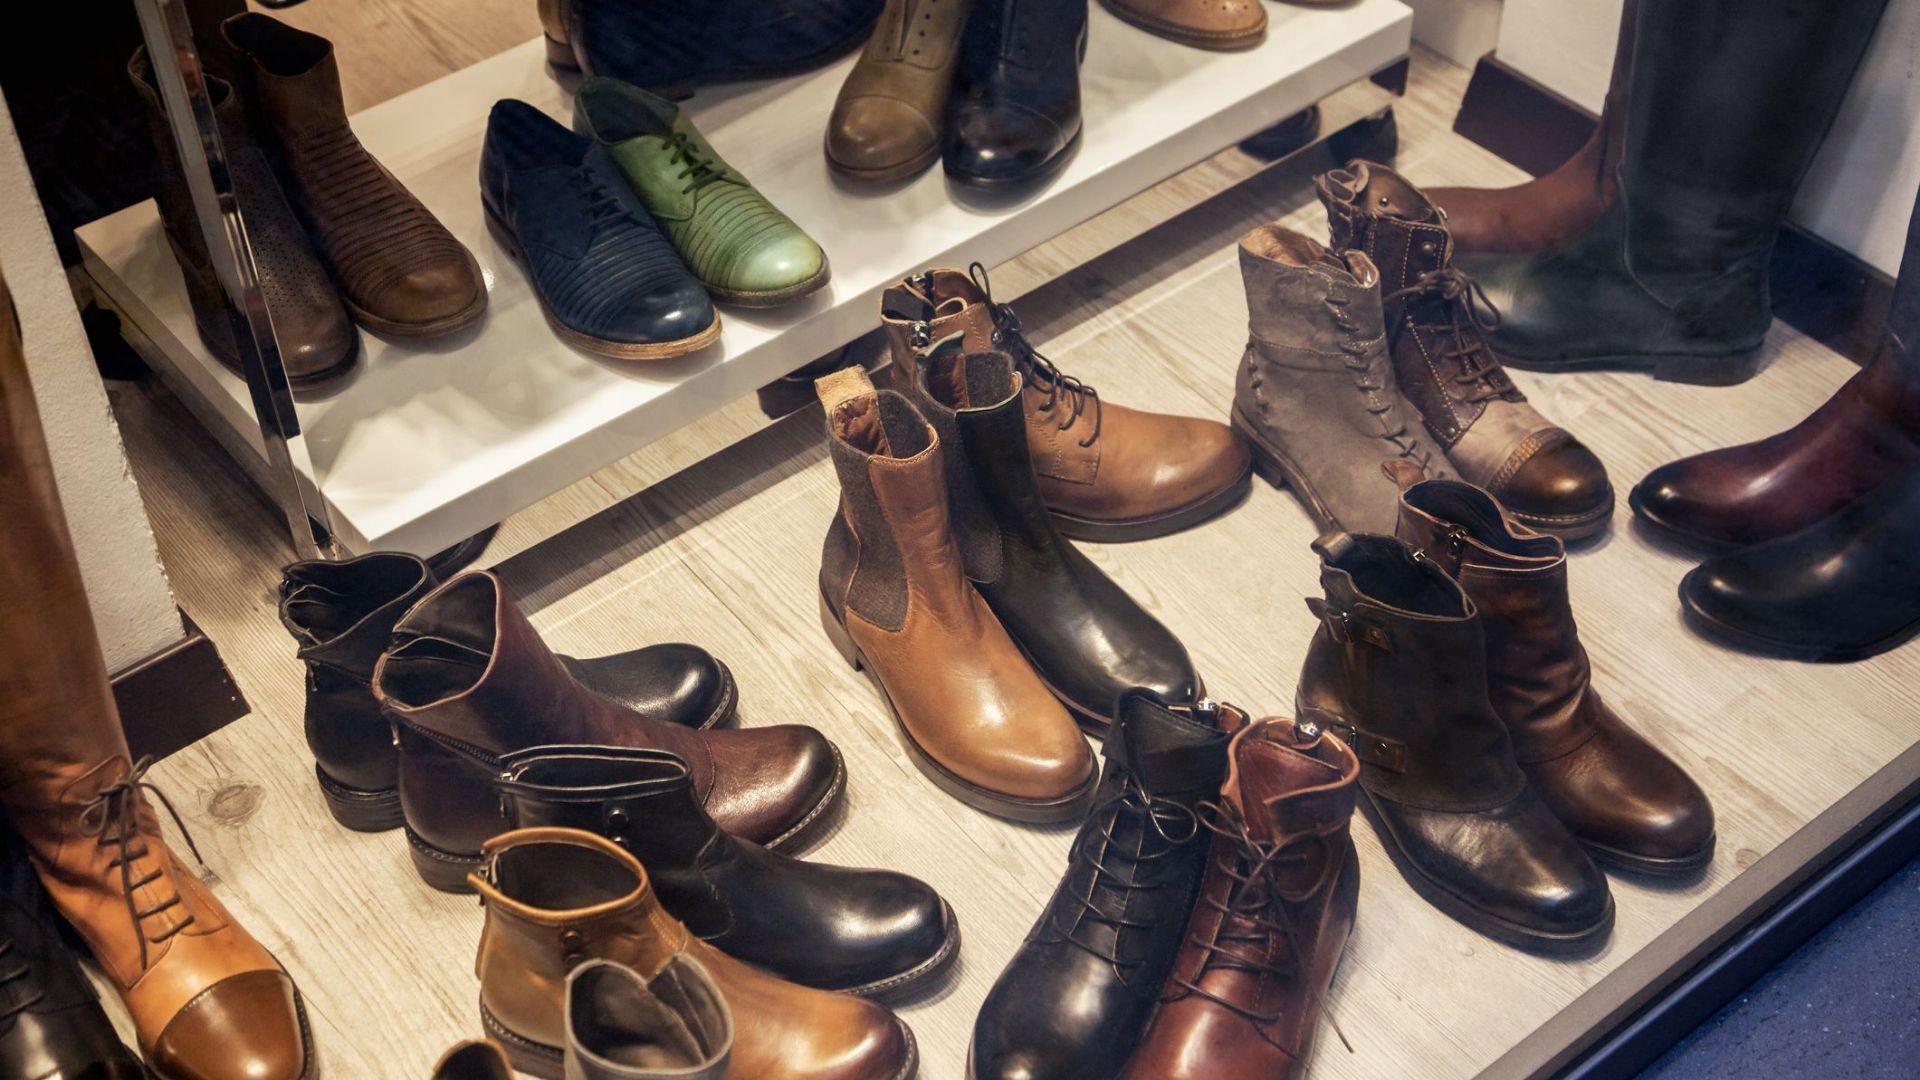 Tienda de zapatos en Murcia